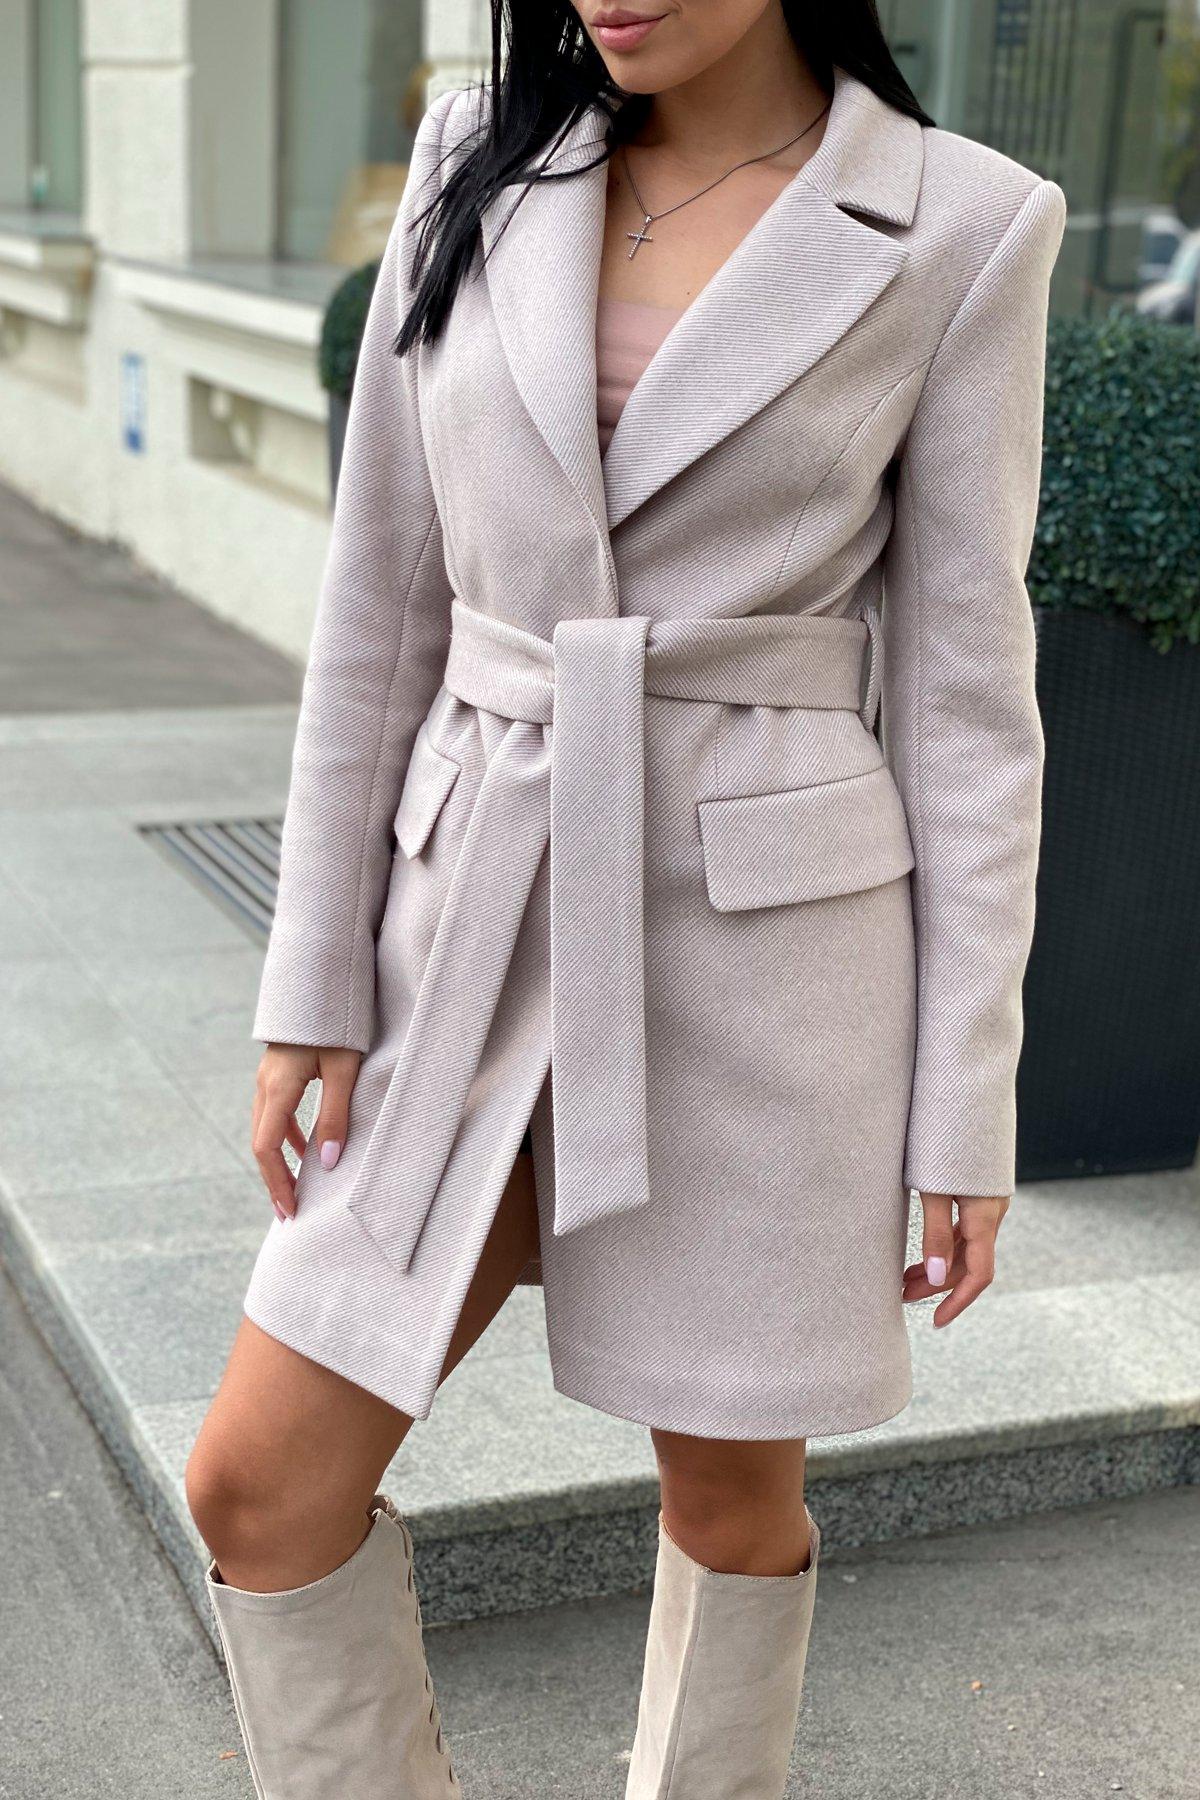 Корси диагональ пальтовая ткань пальто 9882 АРТ. 46168 Цвет: Бежевый Светлый 5 - фото 2, интернет магазин tm-modus.ru